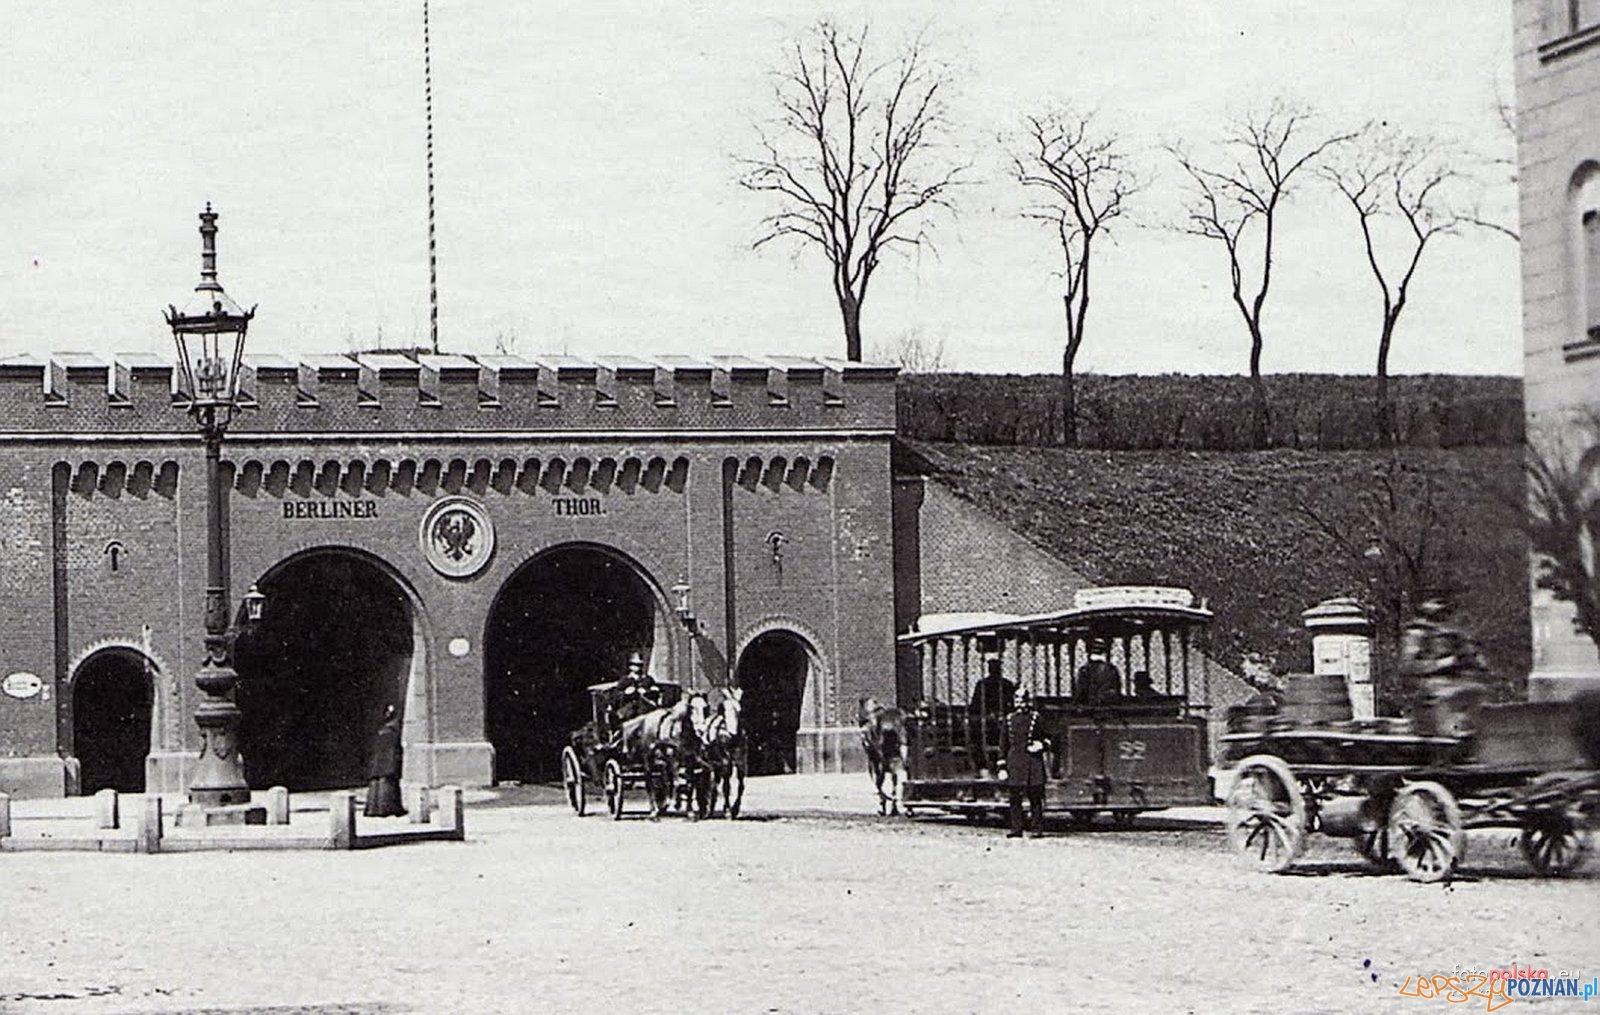 Brama Berlińska, zdjęcie wykonane od strony centrum miasta - w kierunku zachodnim w stronę Jeżyc - rok 1900  Foto: fotopolska